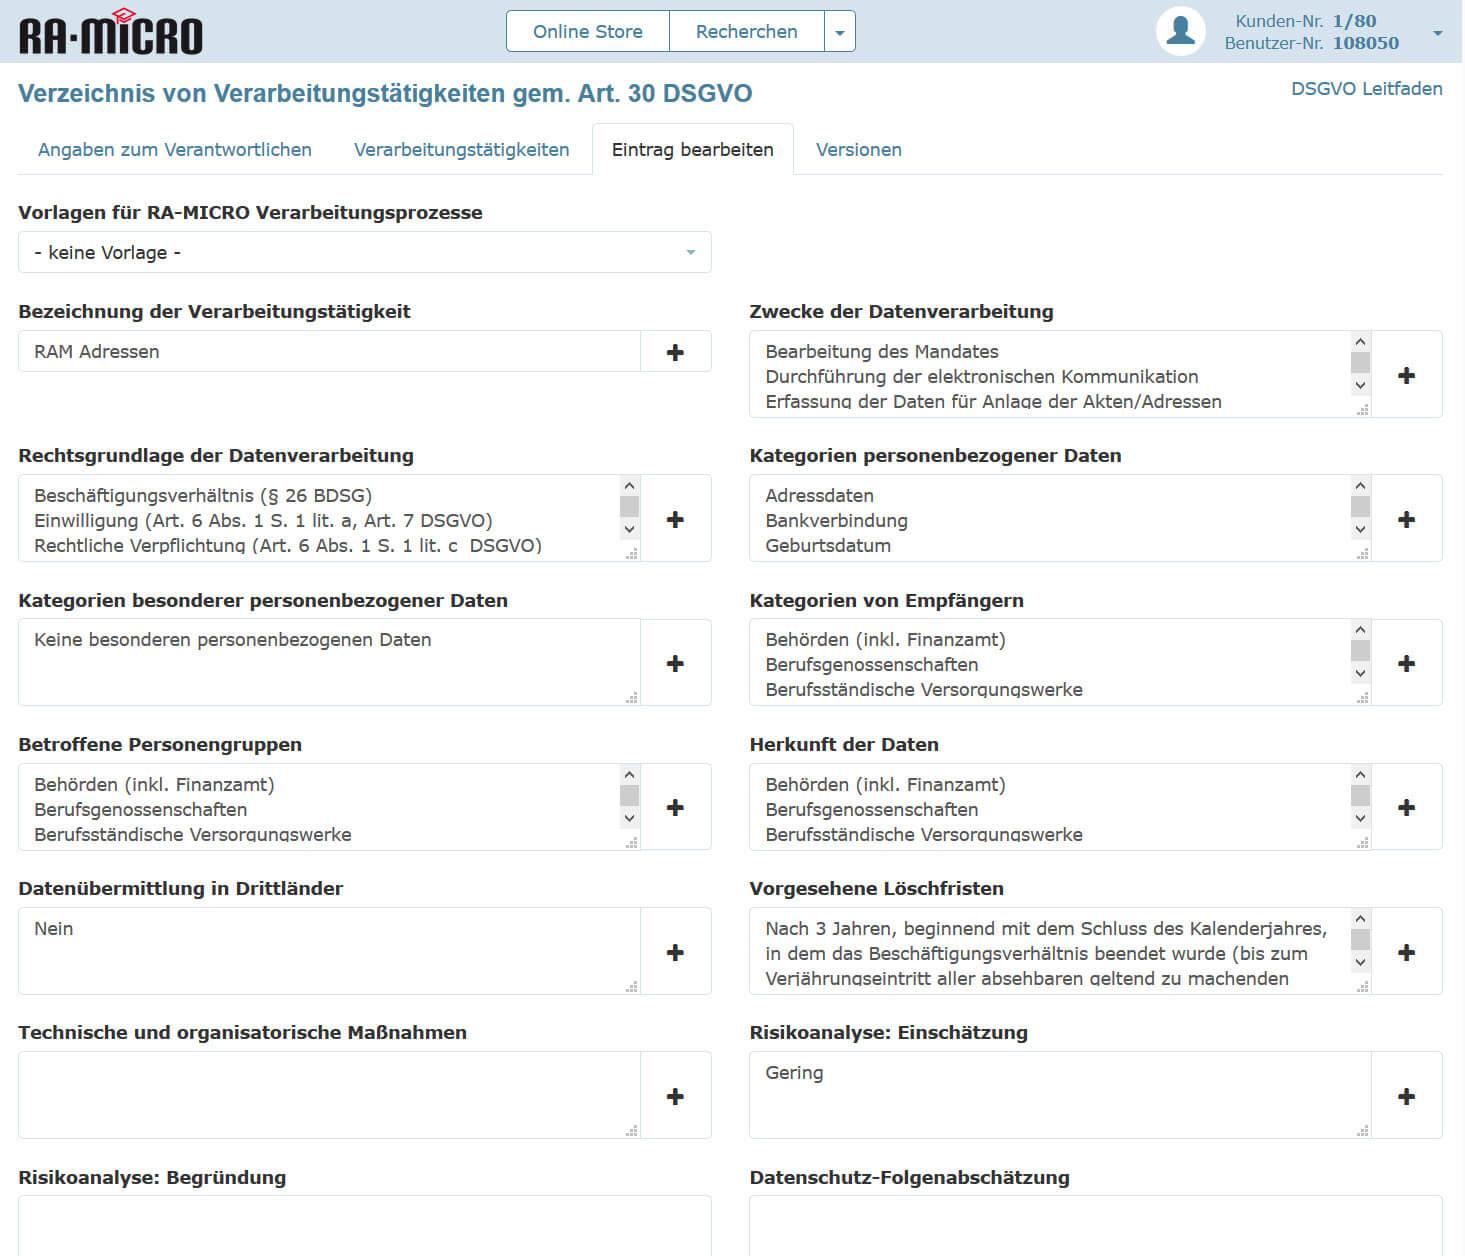 Ra Micro Unterstutzt Beim Datenschutz Verarbeitungsverzeichnis